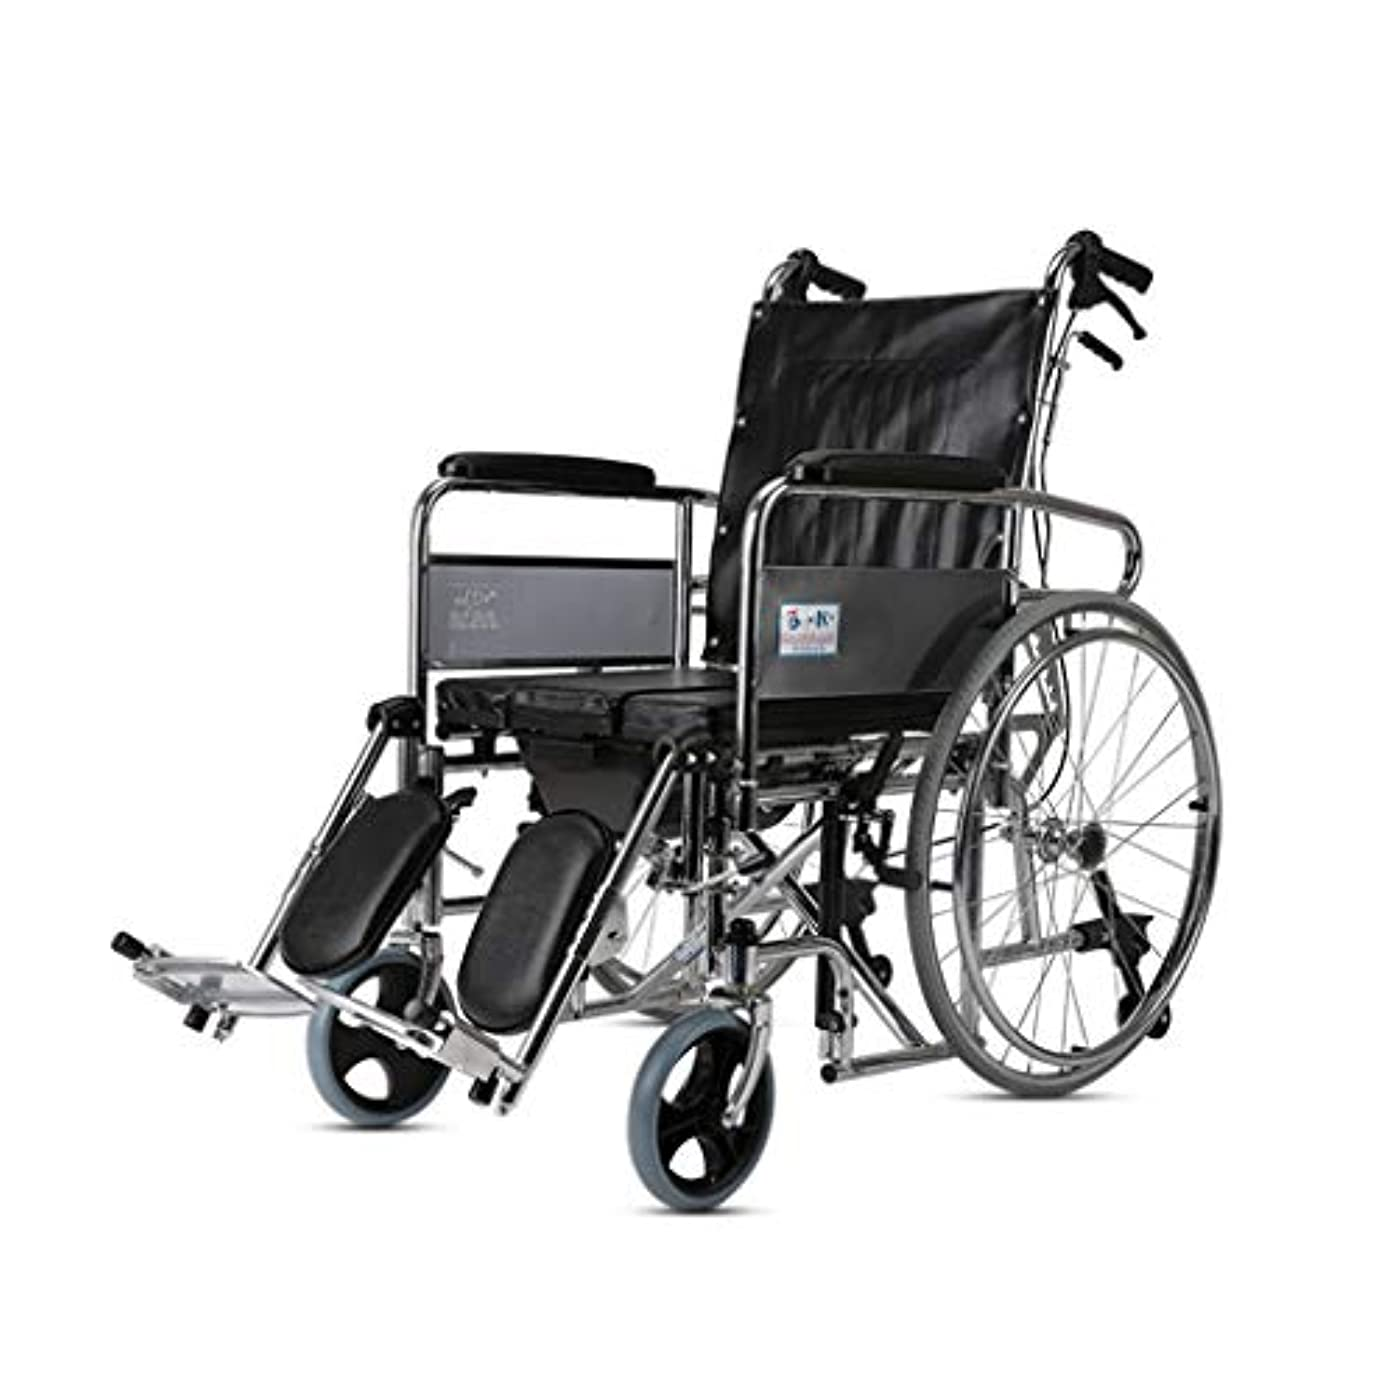 すき圧力ハック折り畳み式車椅子超軽量ポータブル多機能ハンドプッシュ車椅子高齢者と障害者のために人間工学に基づいた